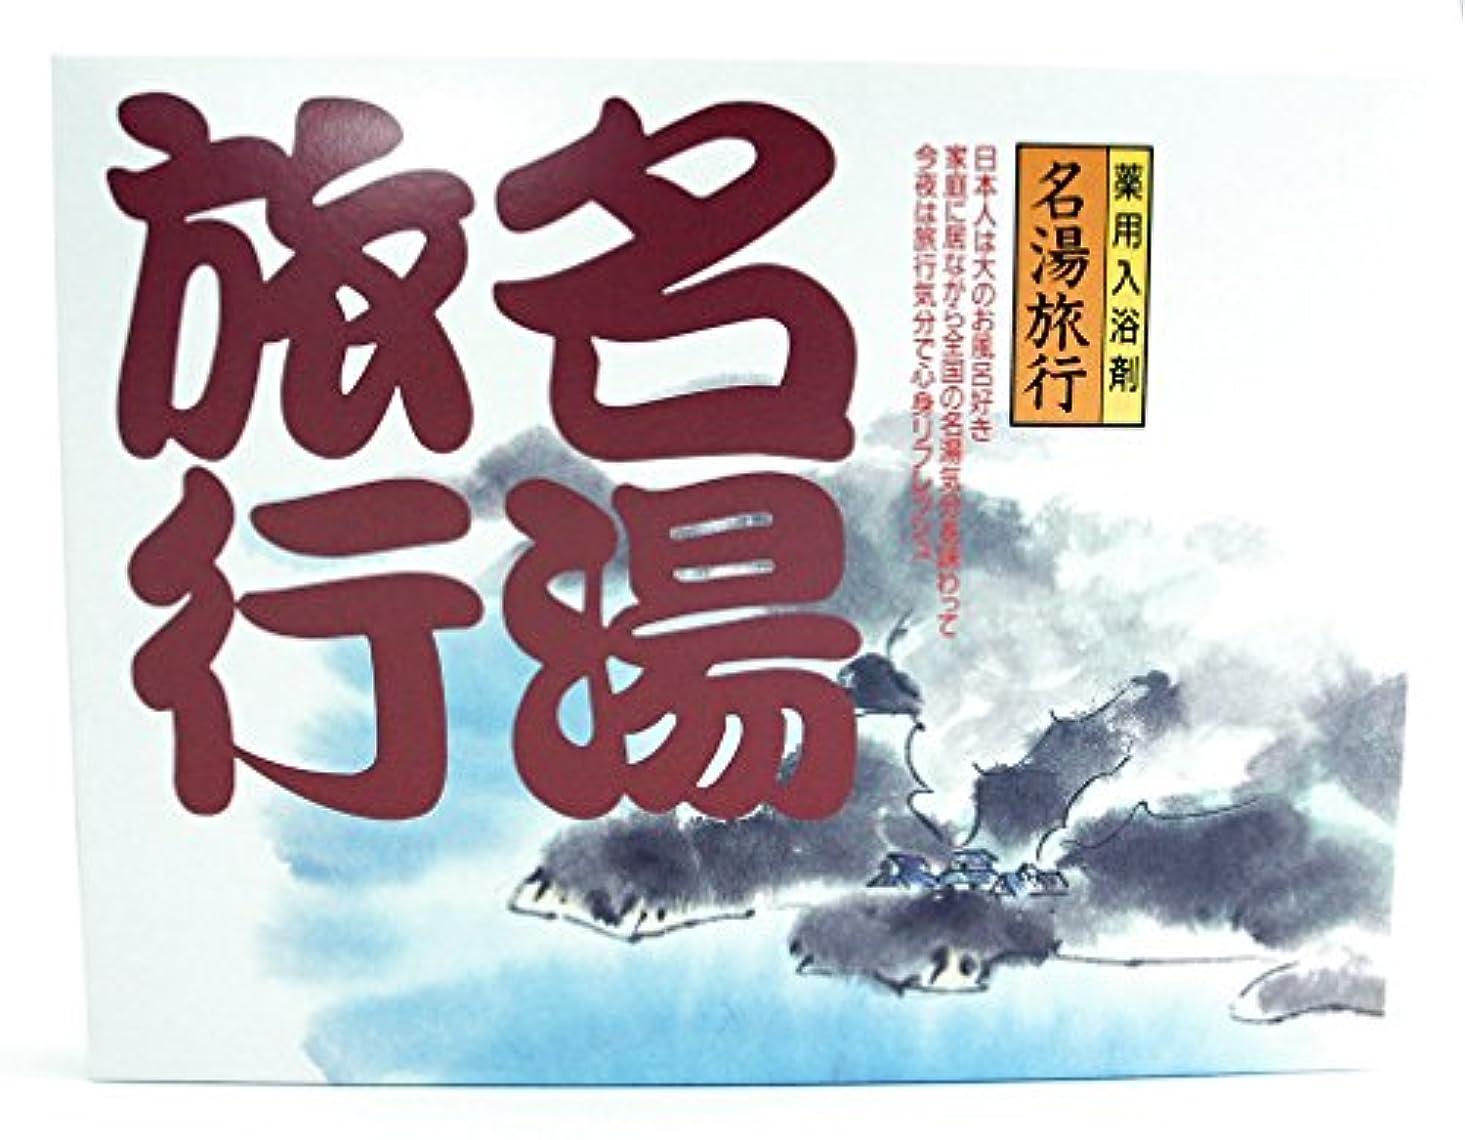 軽蔑継続中からかう名湯旅行ギフトセット MTR20 [医薬部外品]